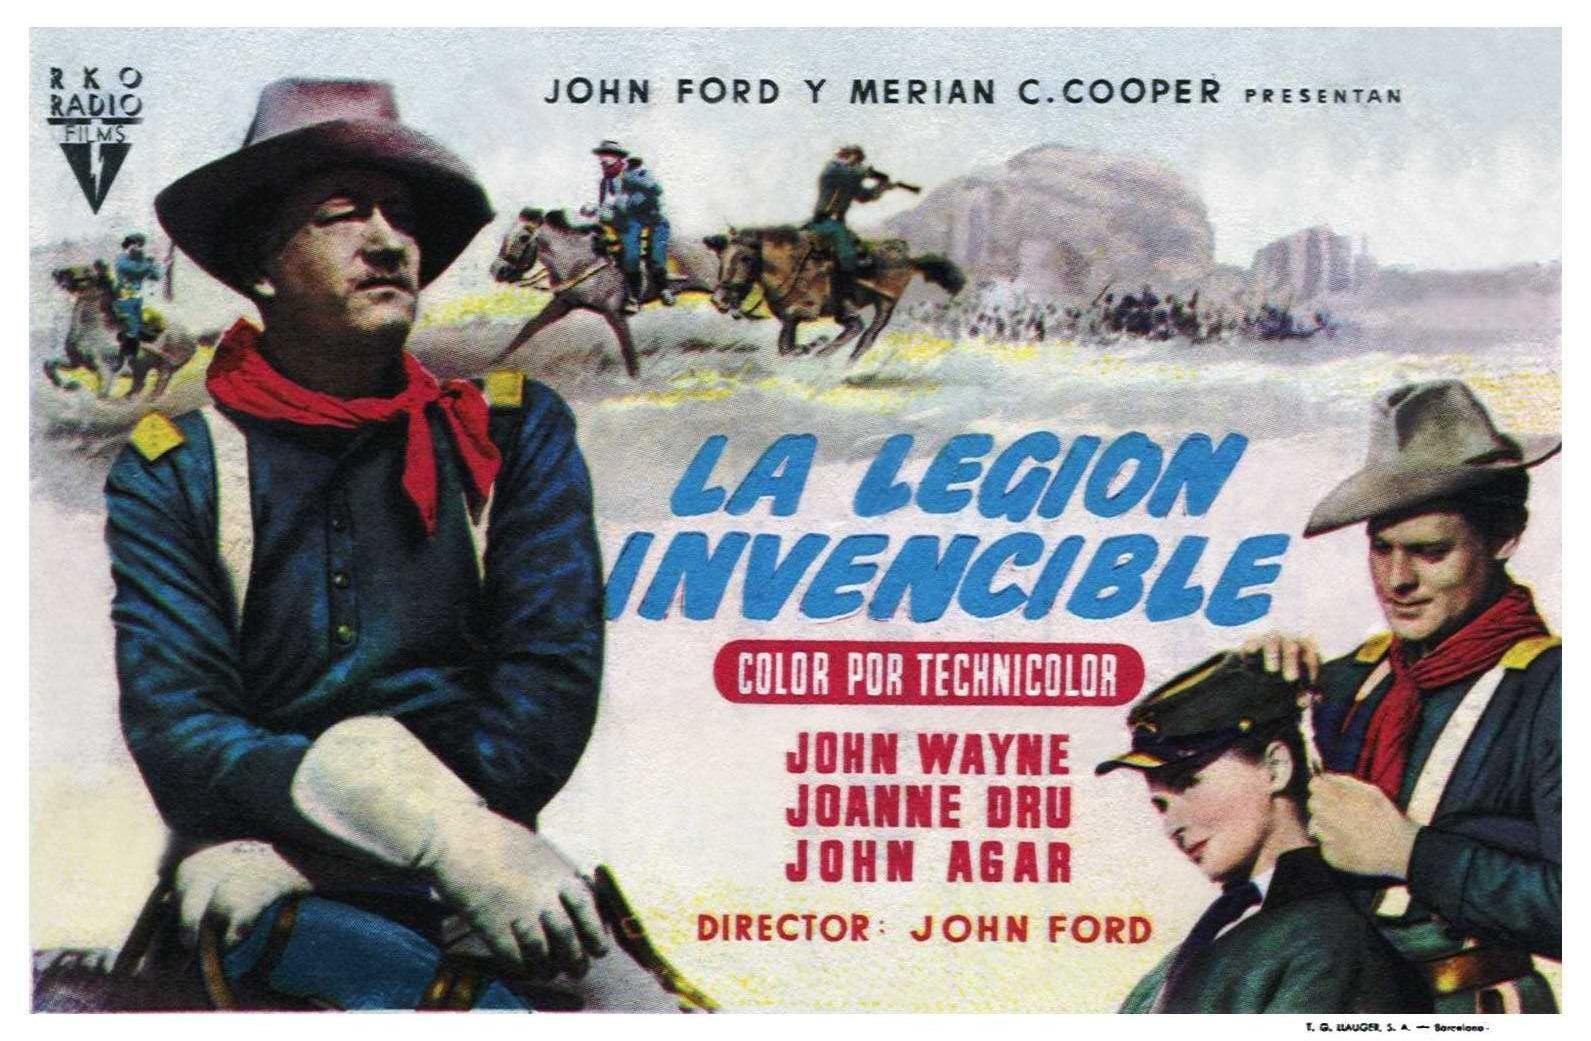 Pin de Jose M em LOBBY CARD FILMS em 2020 (com imagens) | Cinema